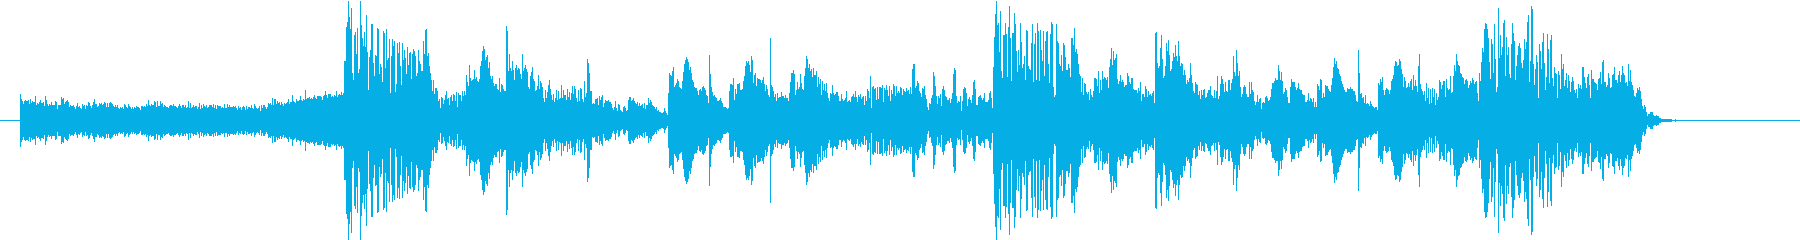 重低音のパワフルなダブステップロゴ!の再生済みの波形